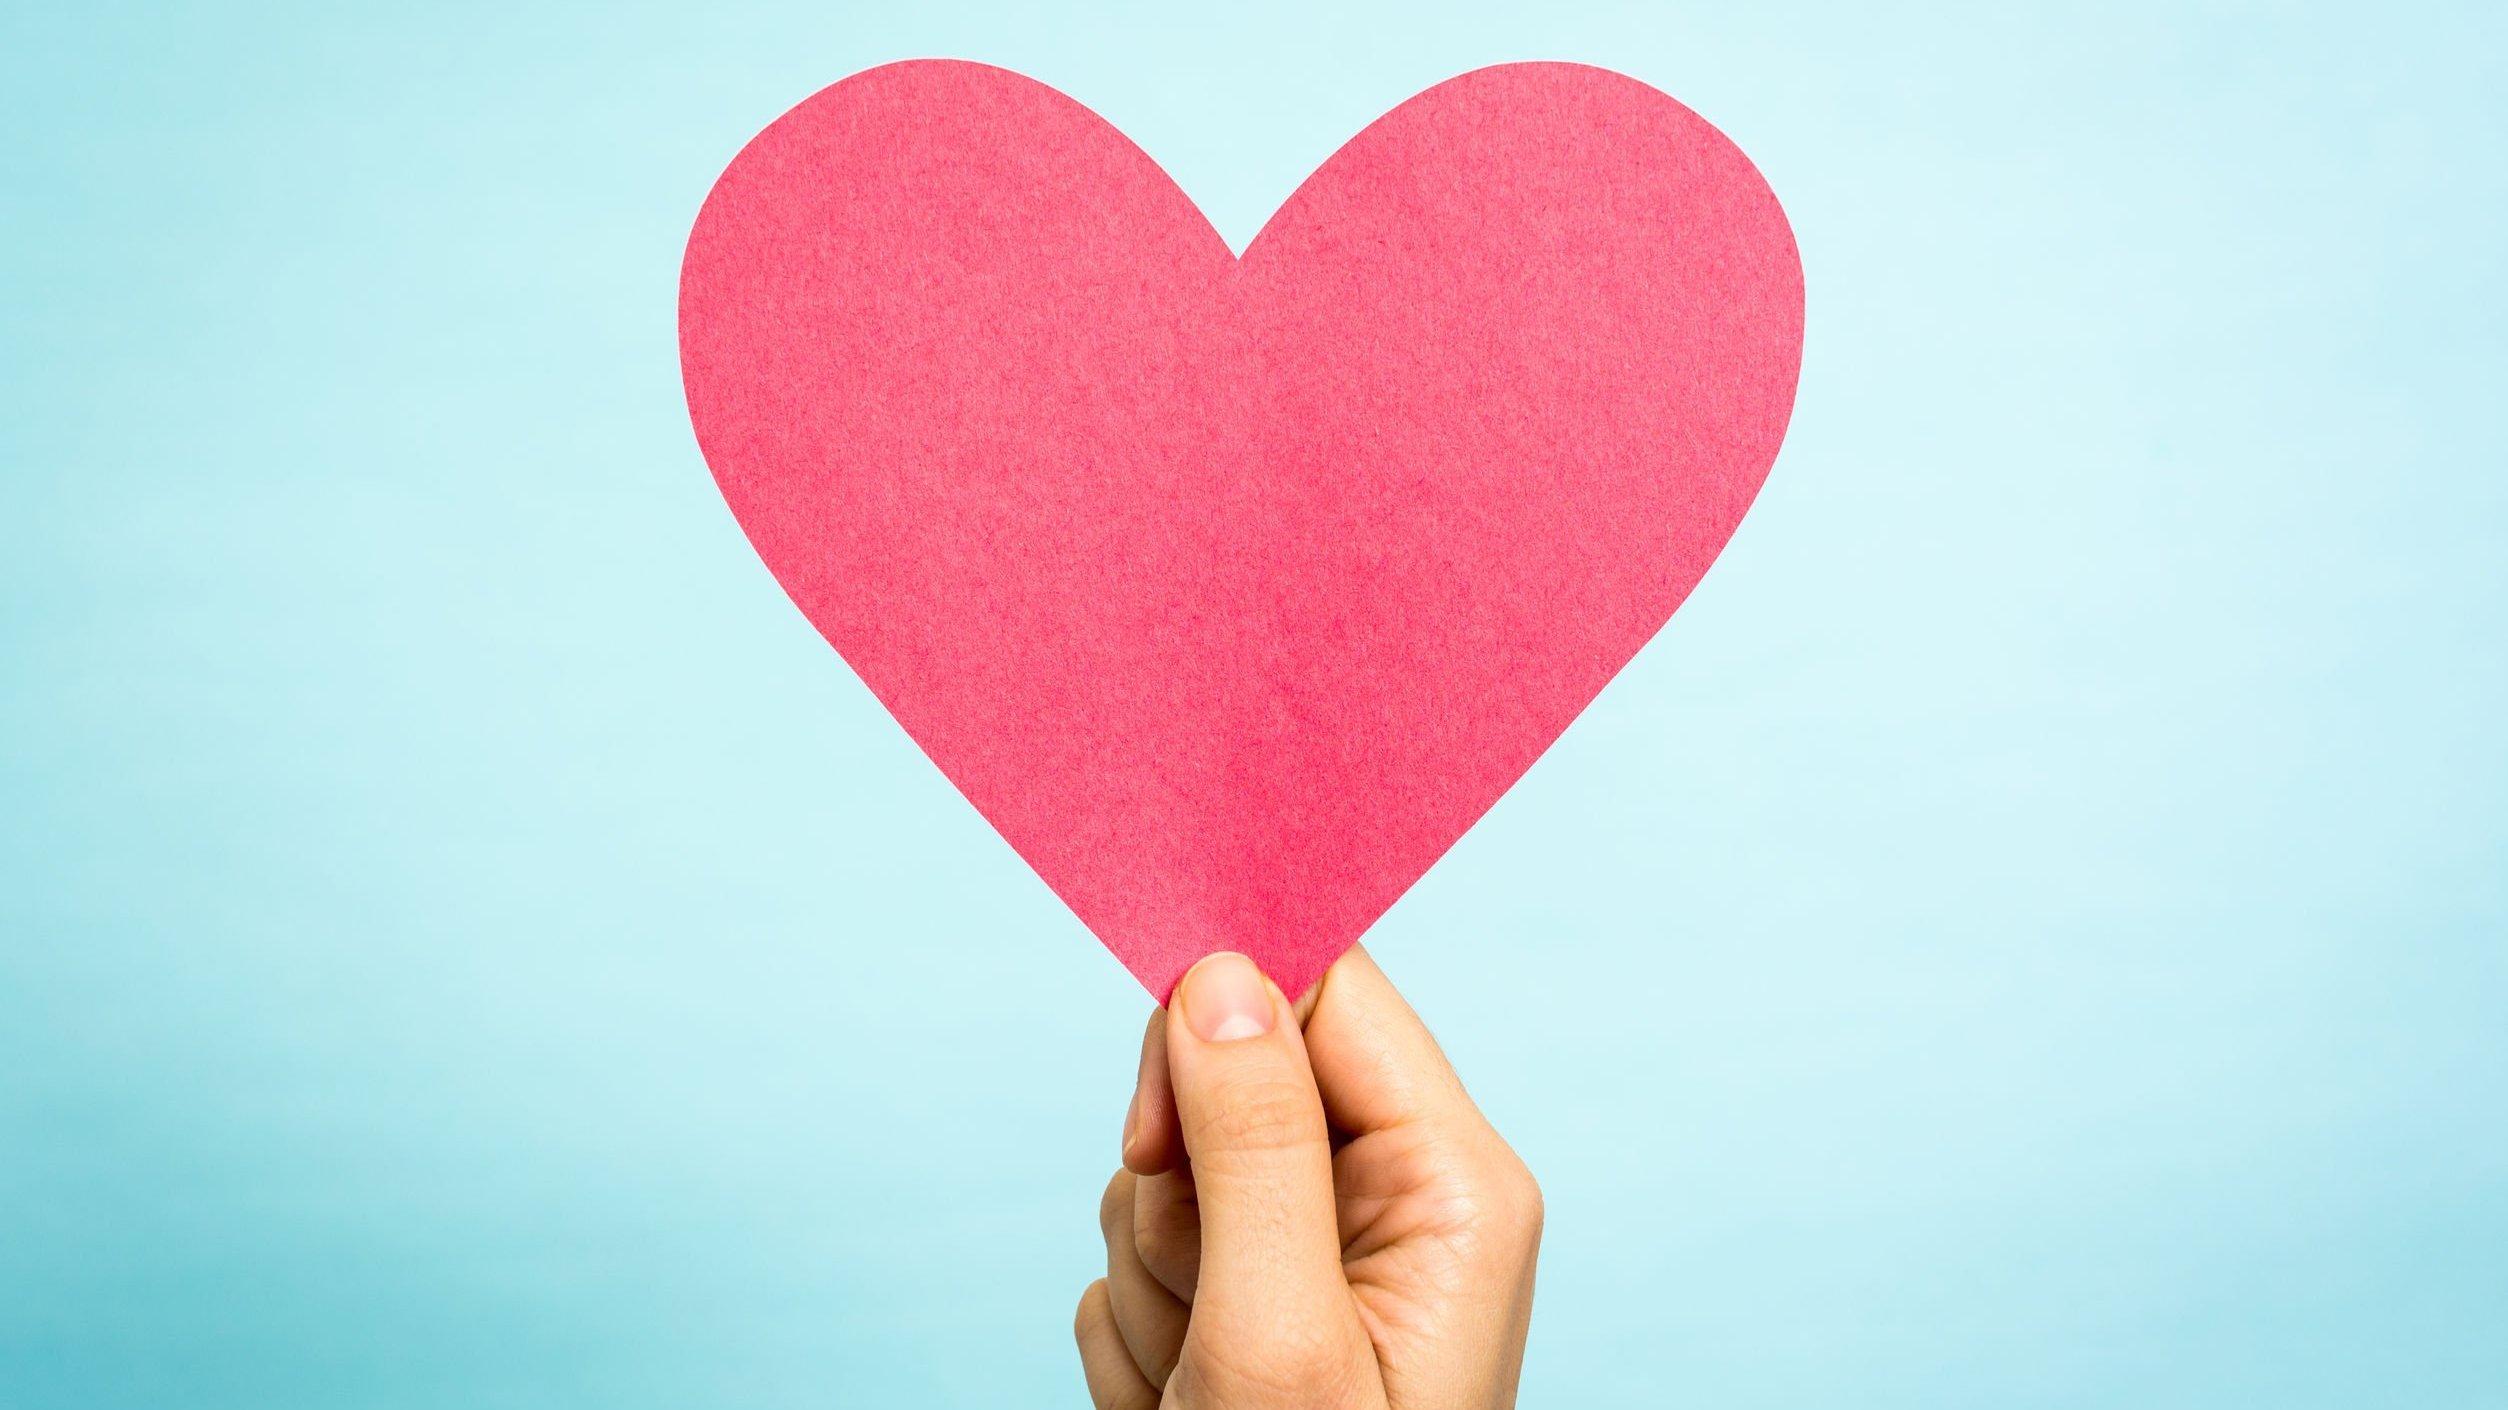 Mão de pessoa segurando coração de papel